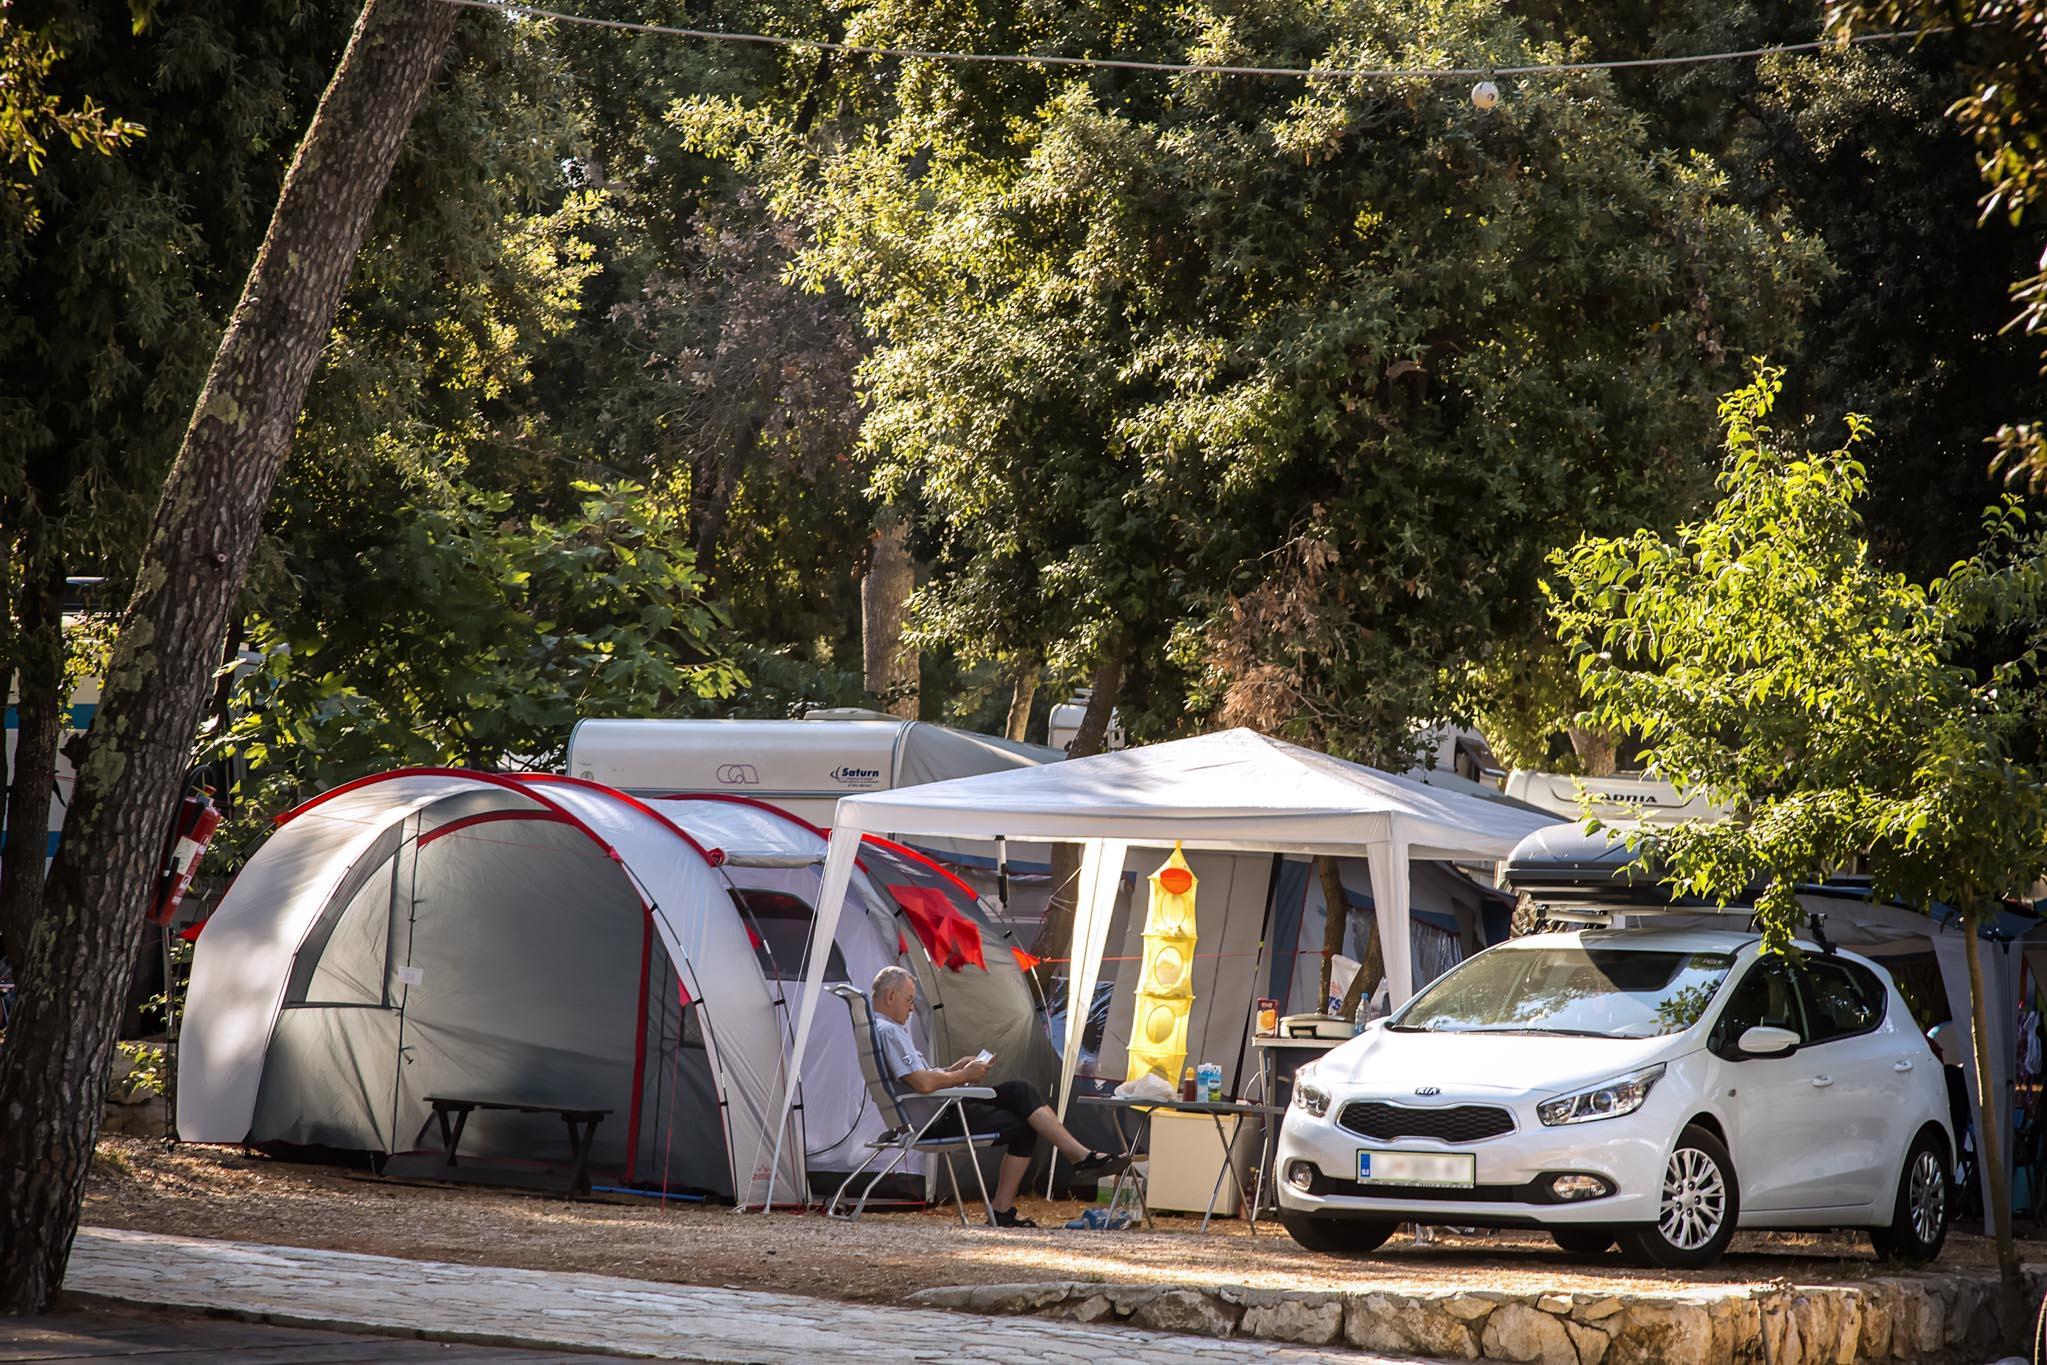 Emplacement - Emplacement Standard : Voiture + Caravane/Tente Ou Camping-Car + Electricité - Camp Park Soline